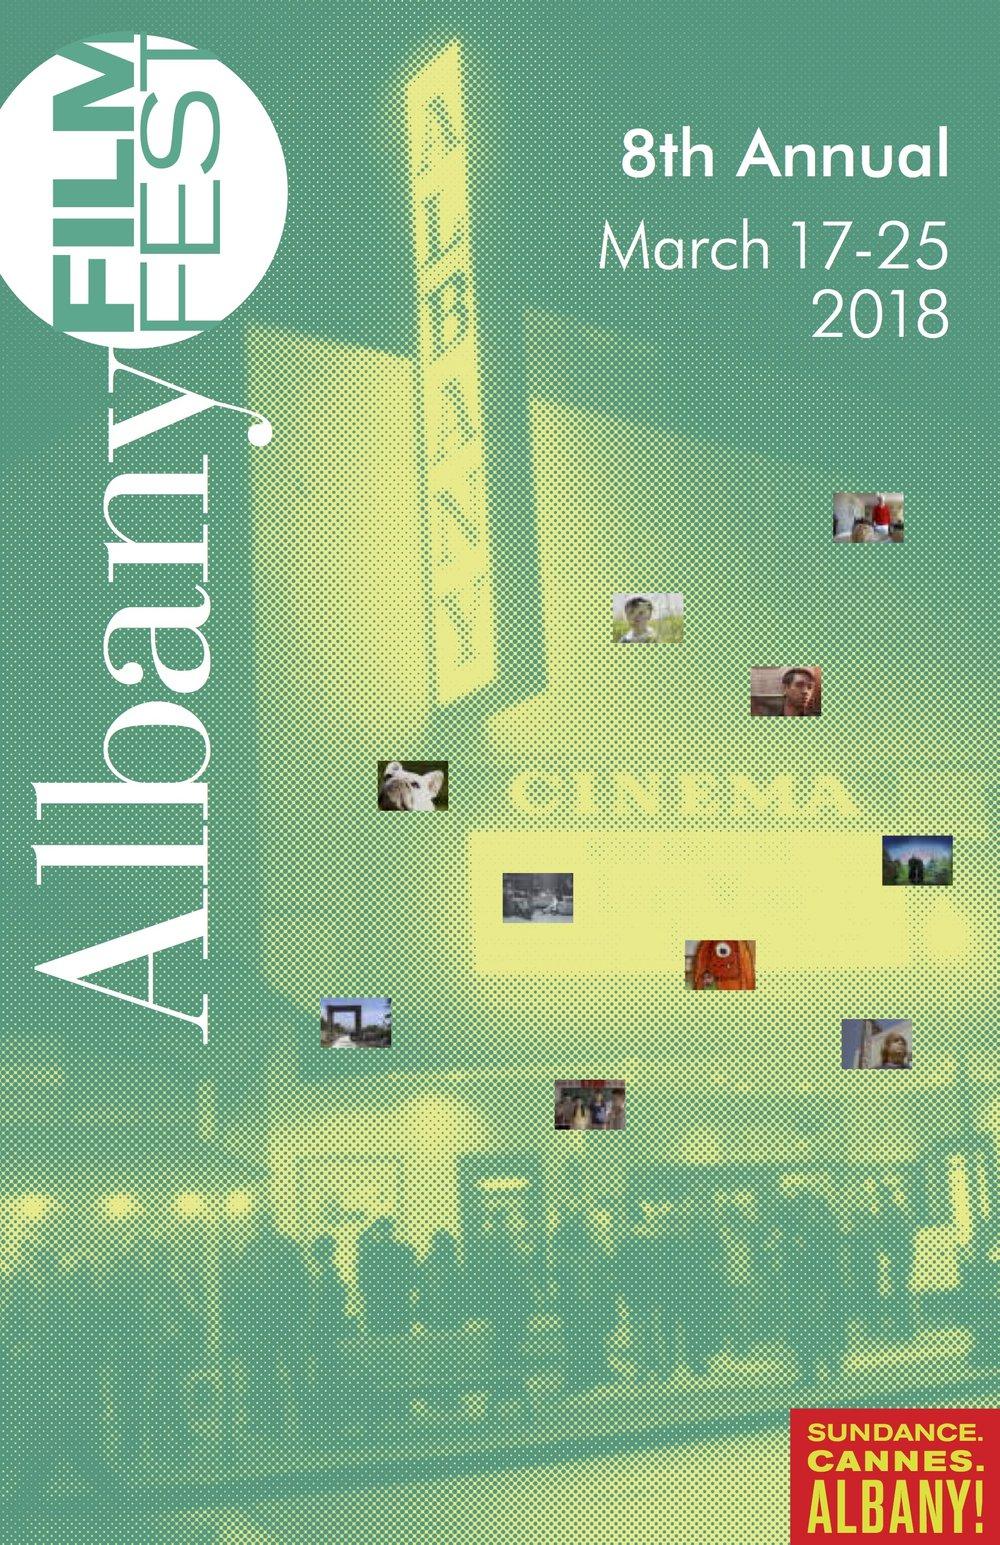 AFF2018-program_Front.jpg